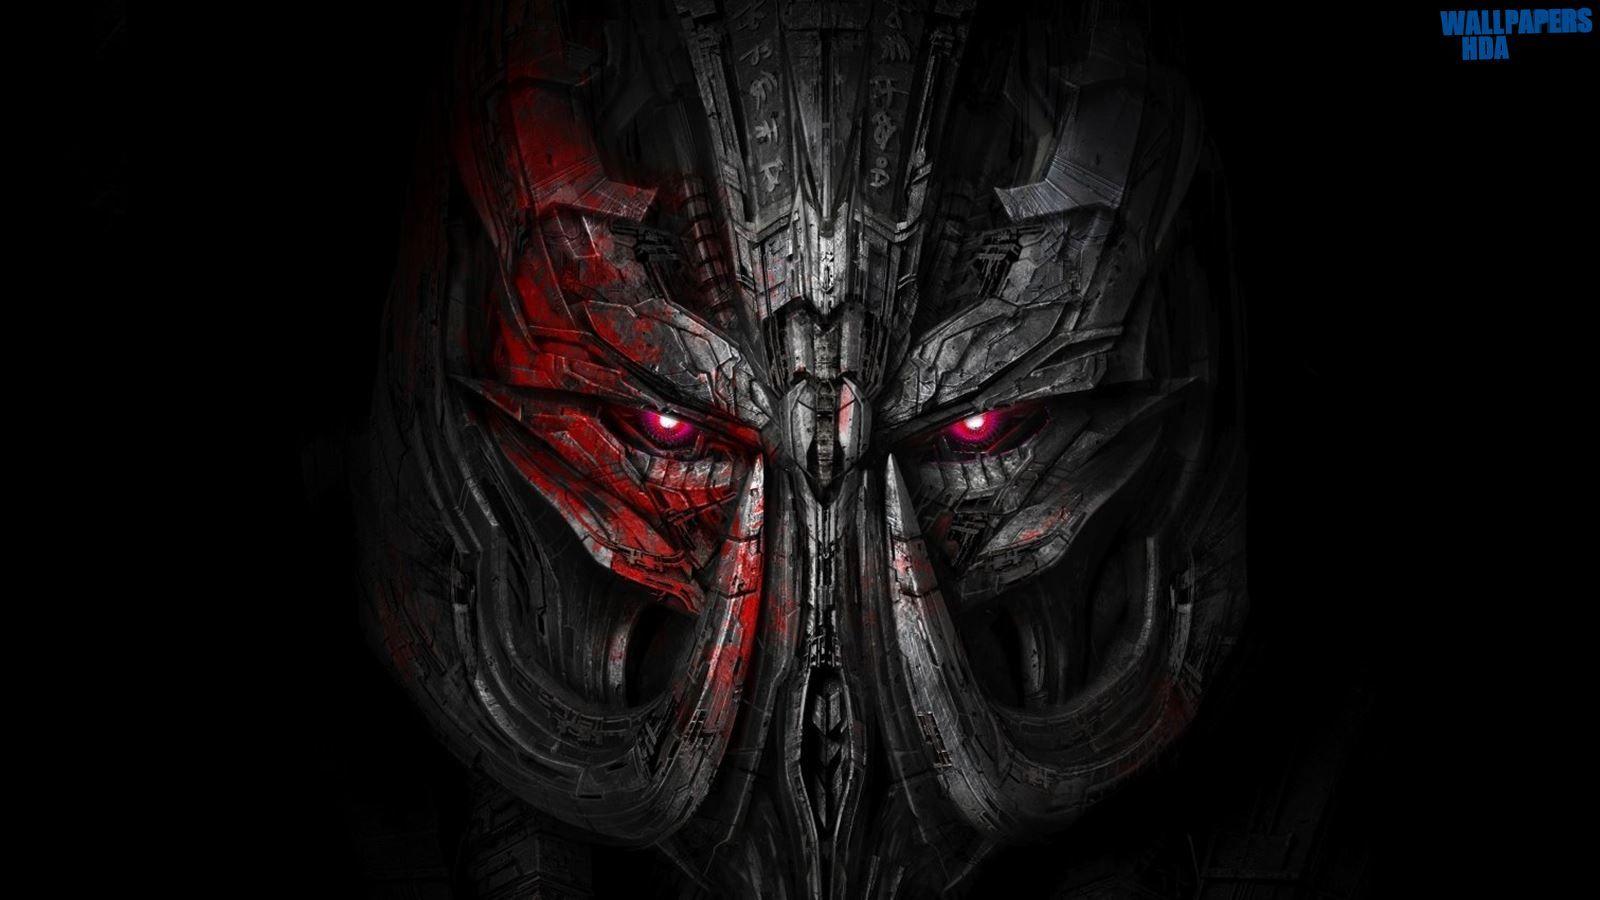 Megatron Transformers The Last Knight Wallpaper 1600x900